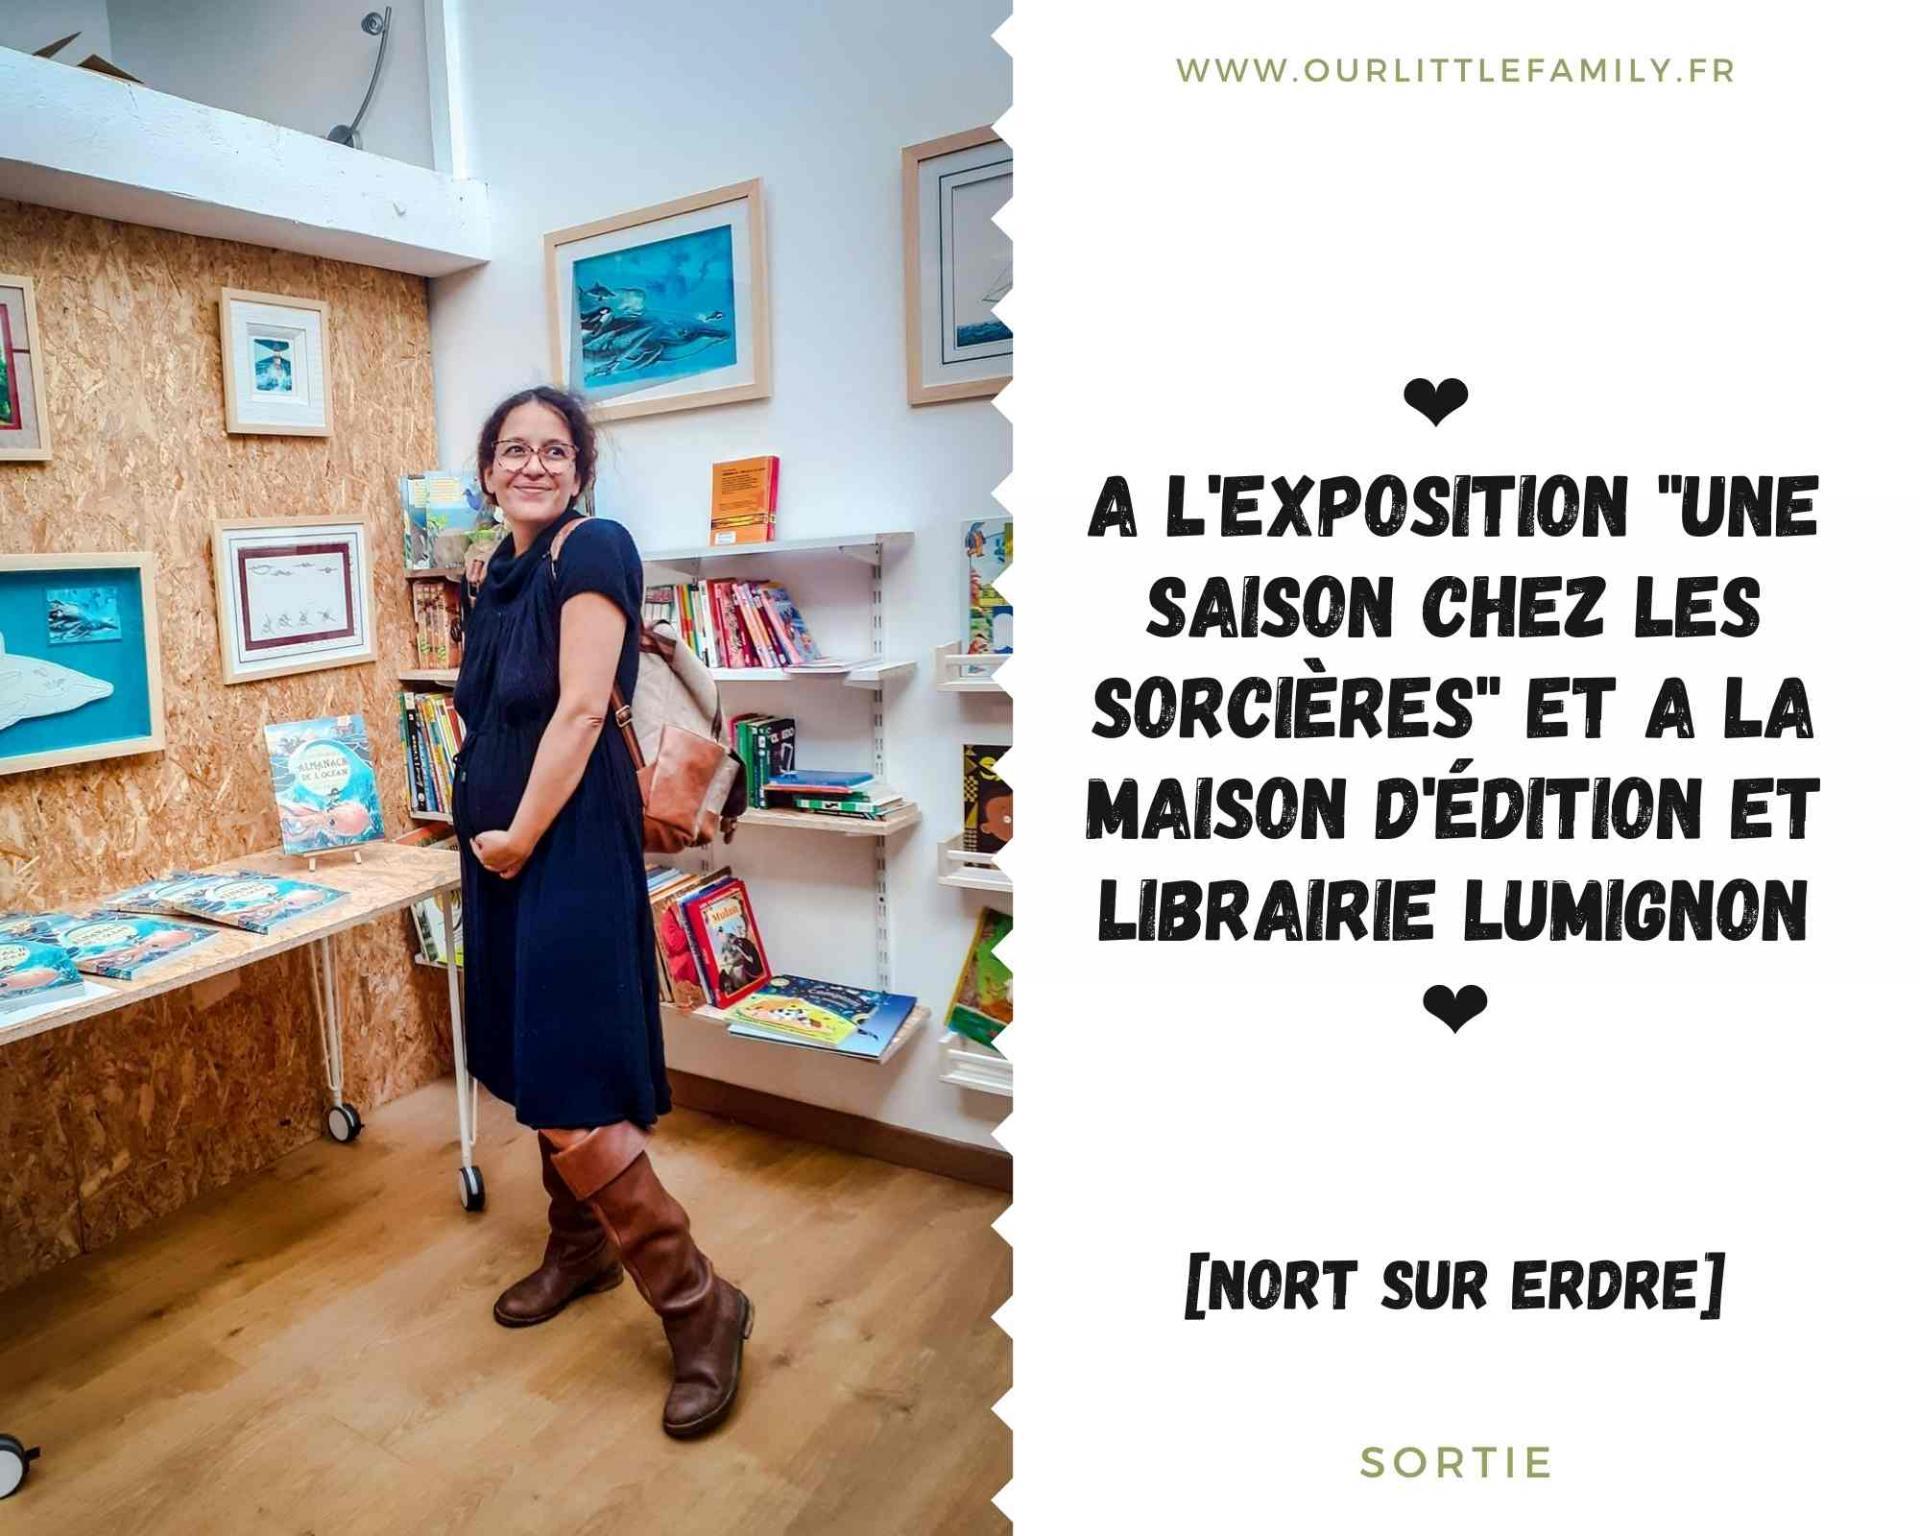 A l exposition une saison chez les sorcieres et a la maison d edition et librairie lumignon